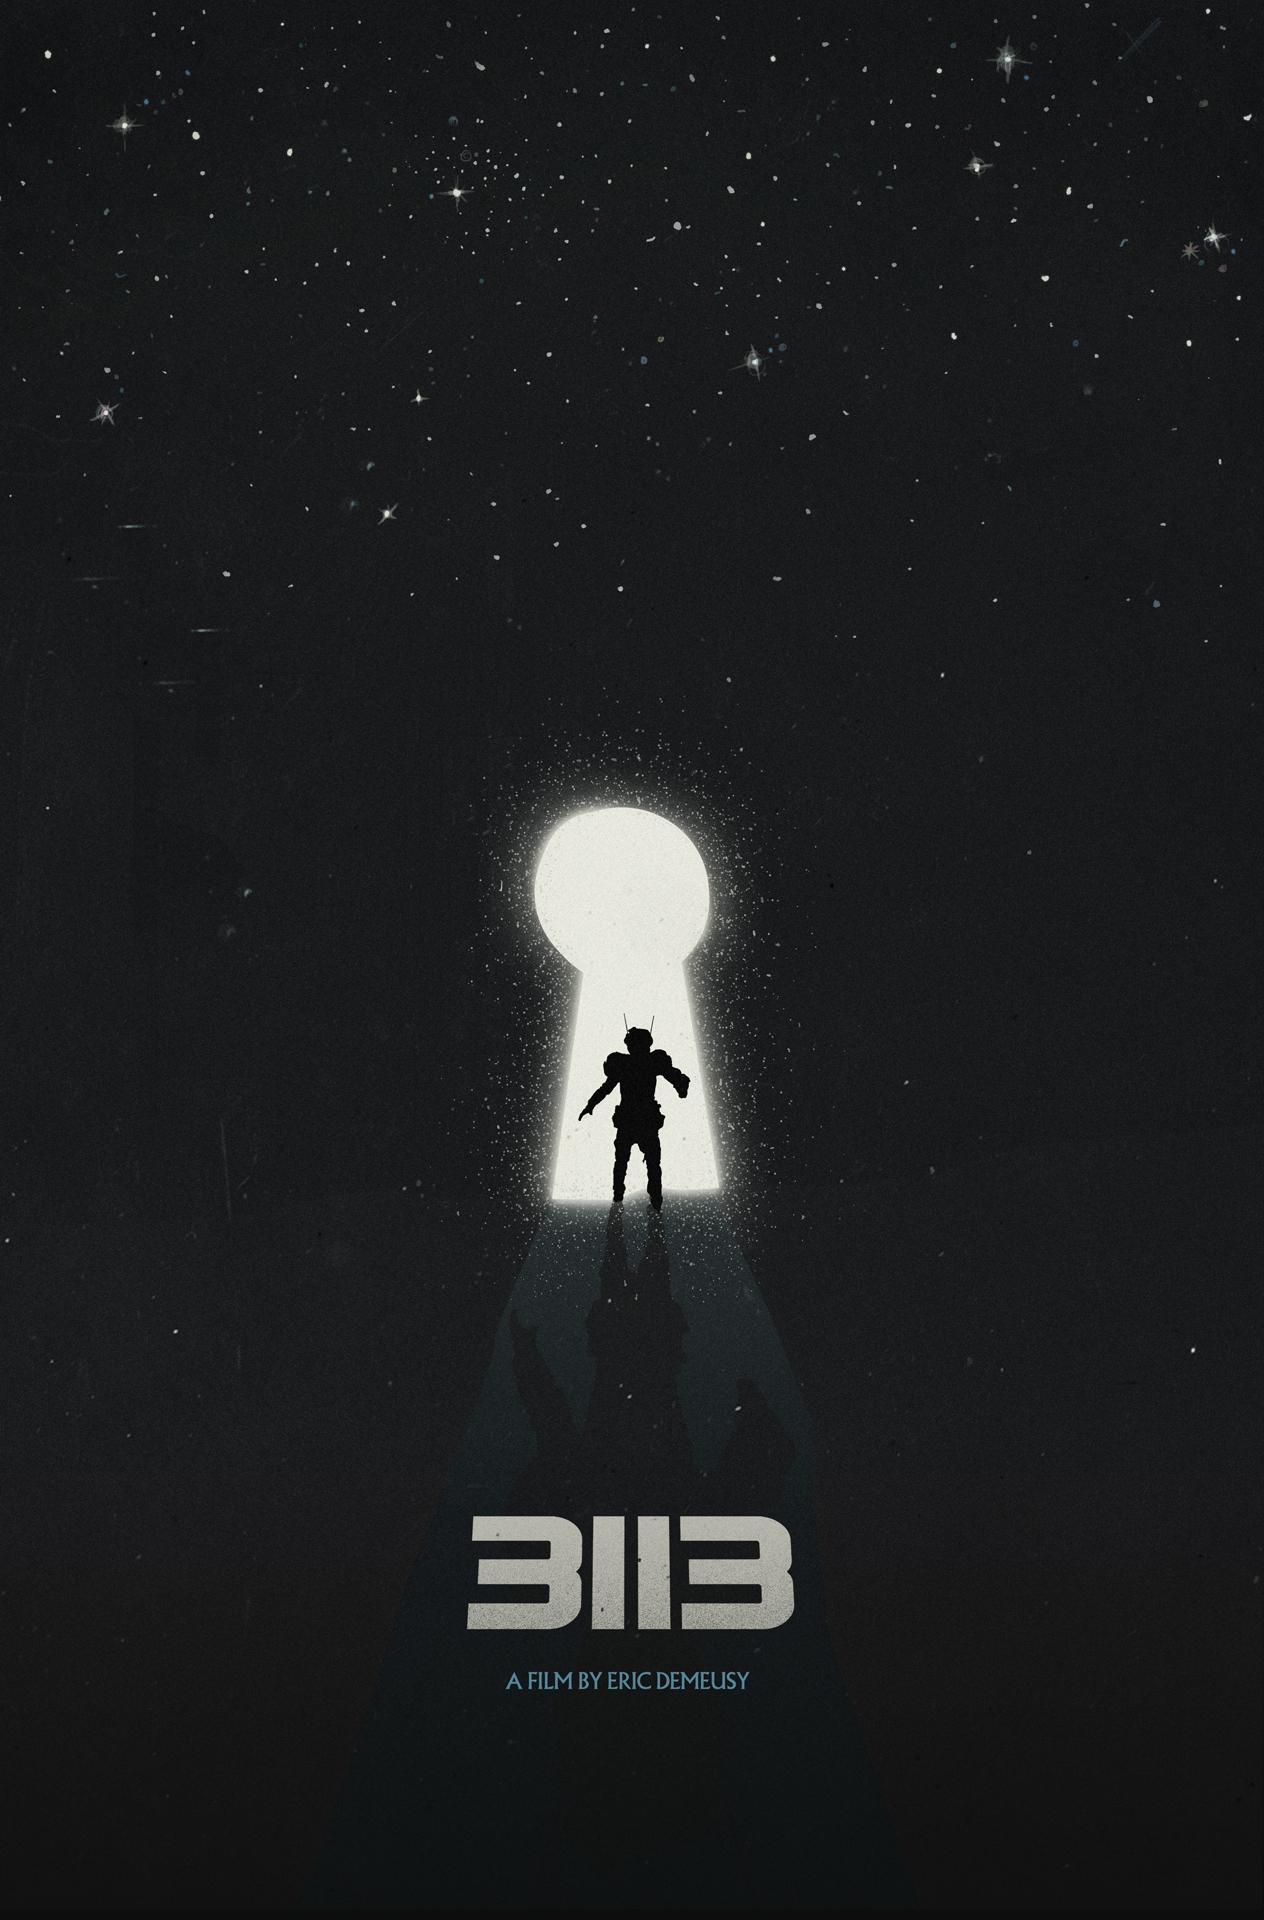 3113 Poster.jpg